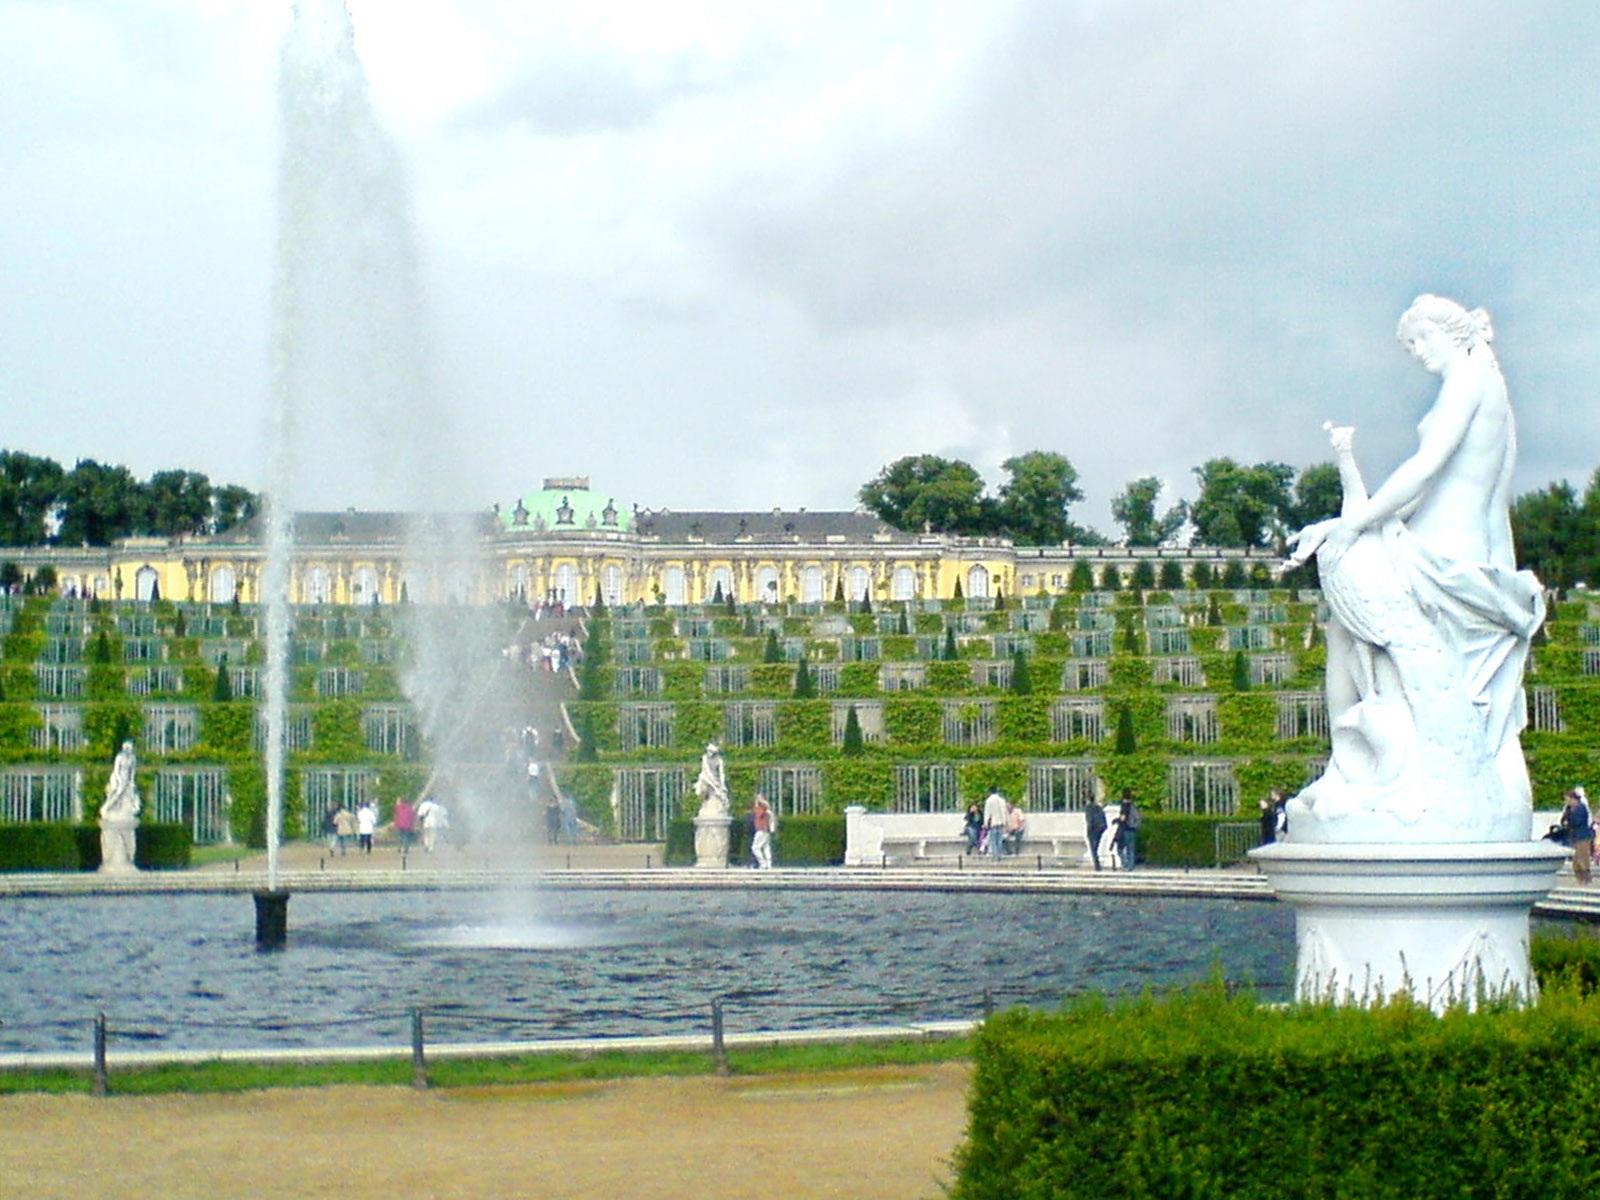 Sanssouci parkas (Schloss Sanssouci park, Potsdamas